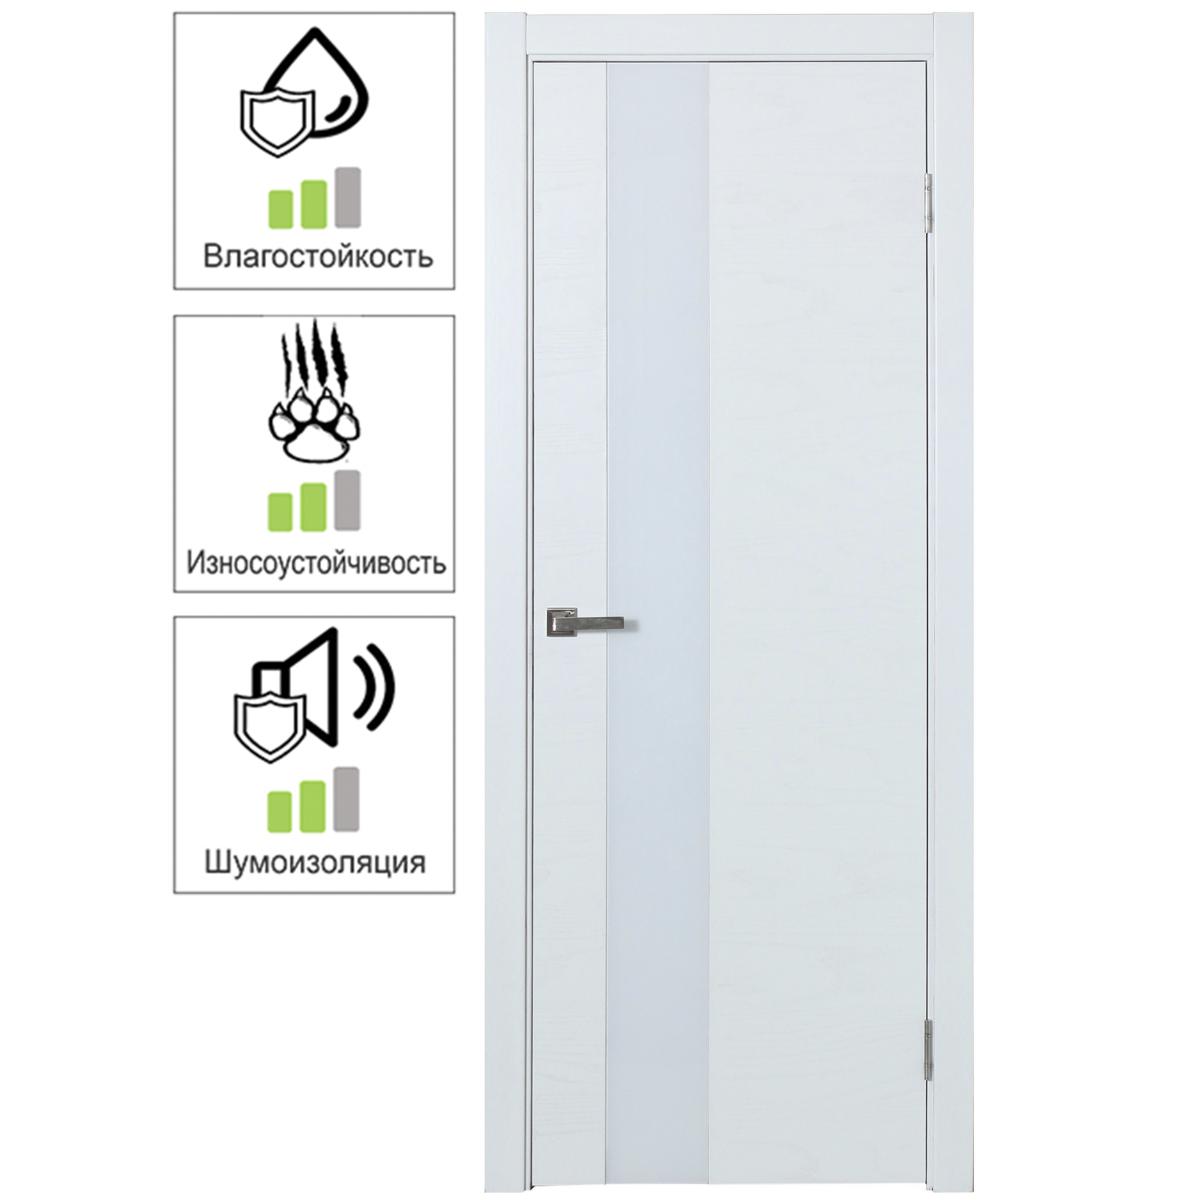 Дверь Межкомнатная Остеклённая Шпон Модерн 80x200 Цвет Белый Ясень